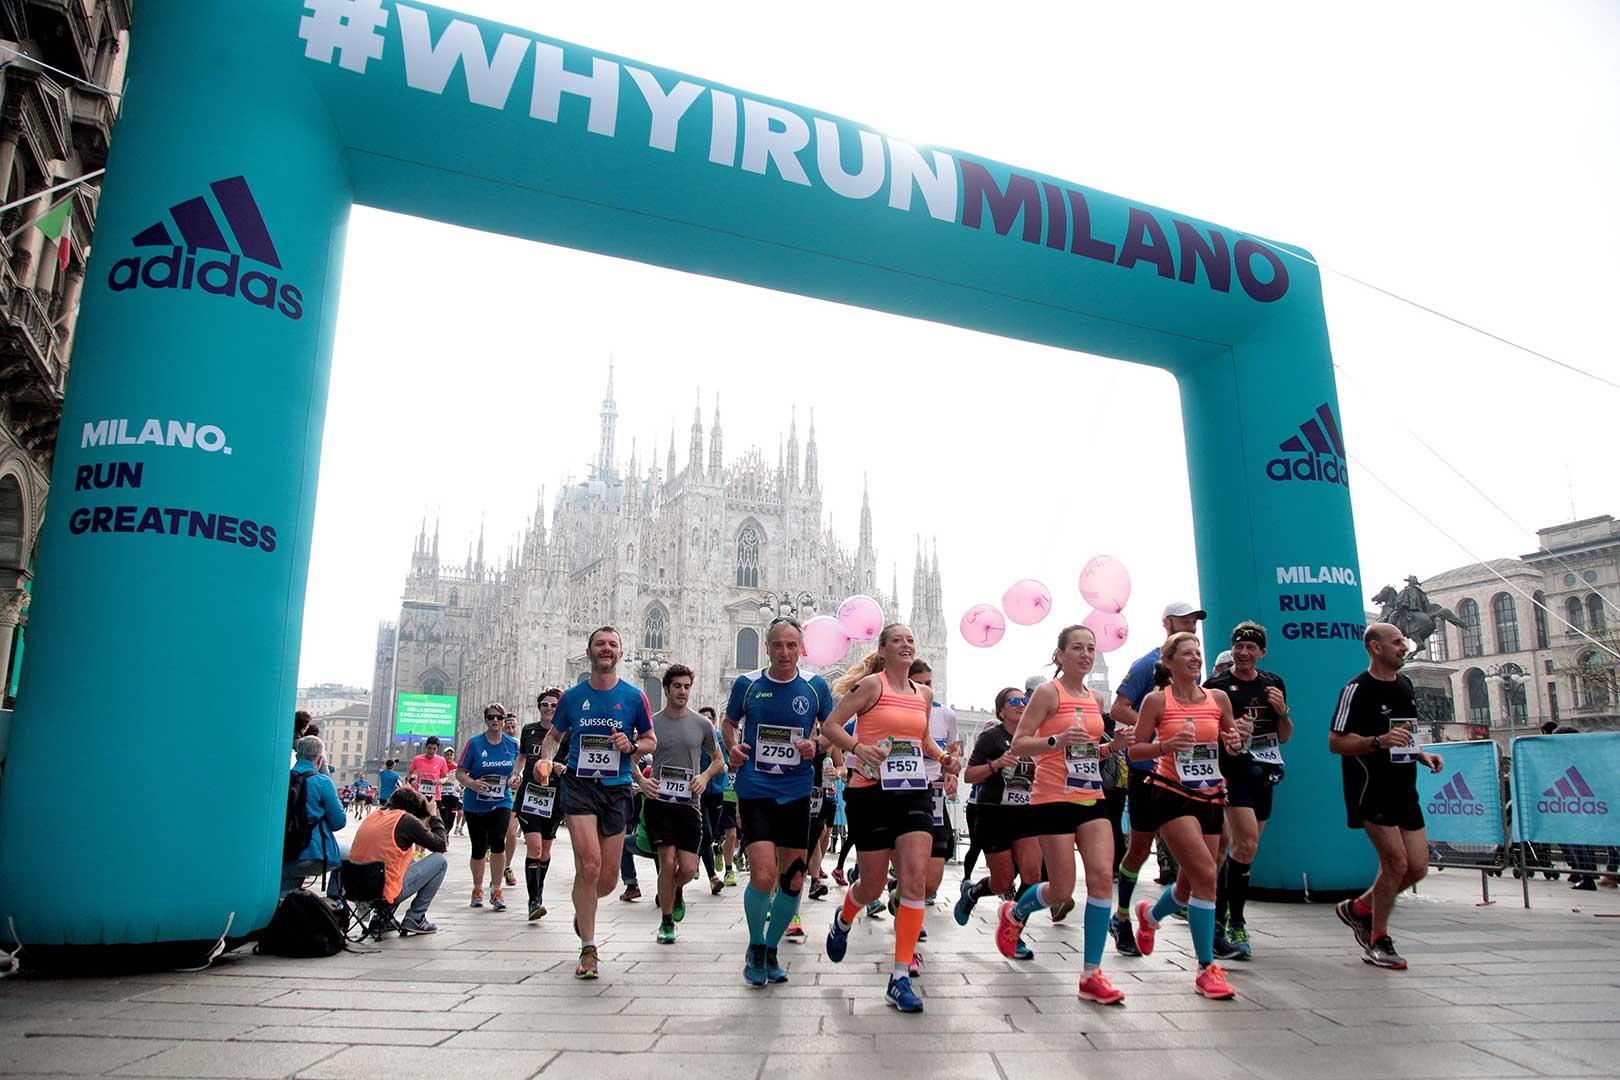 Calendario Corse Milano 2017 Running Calendar